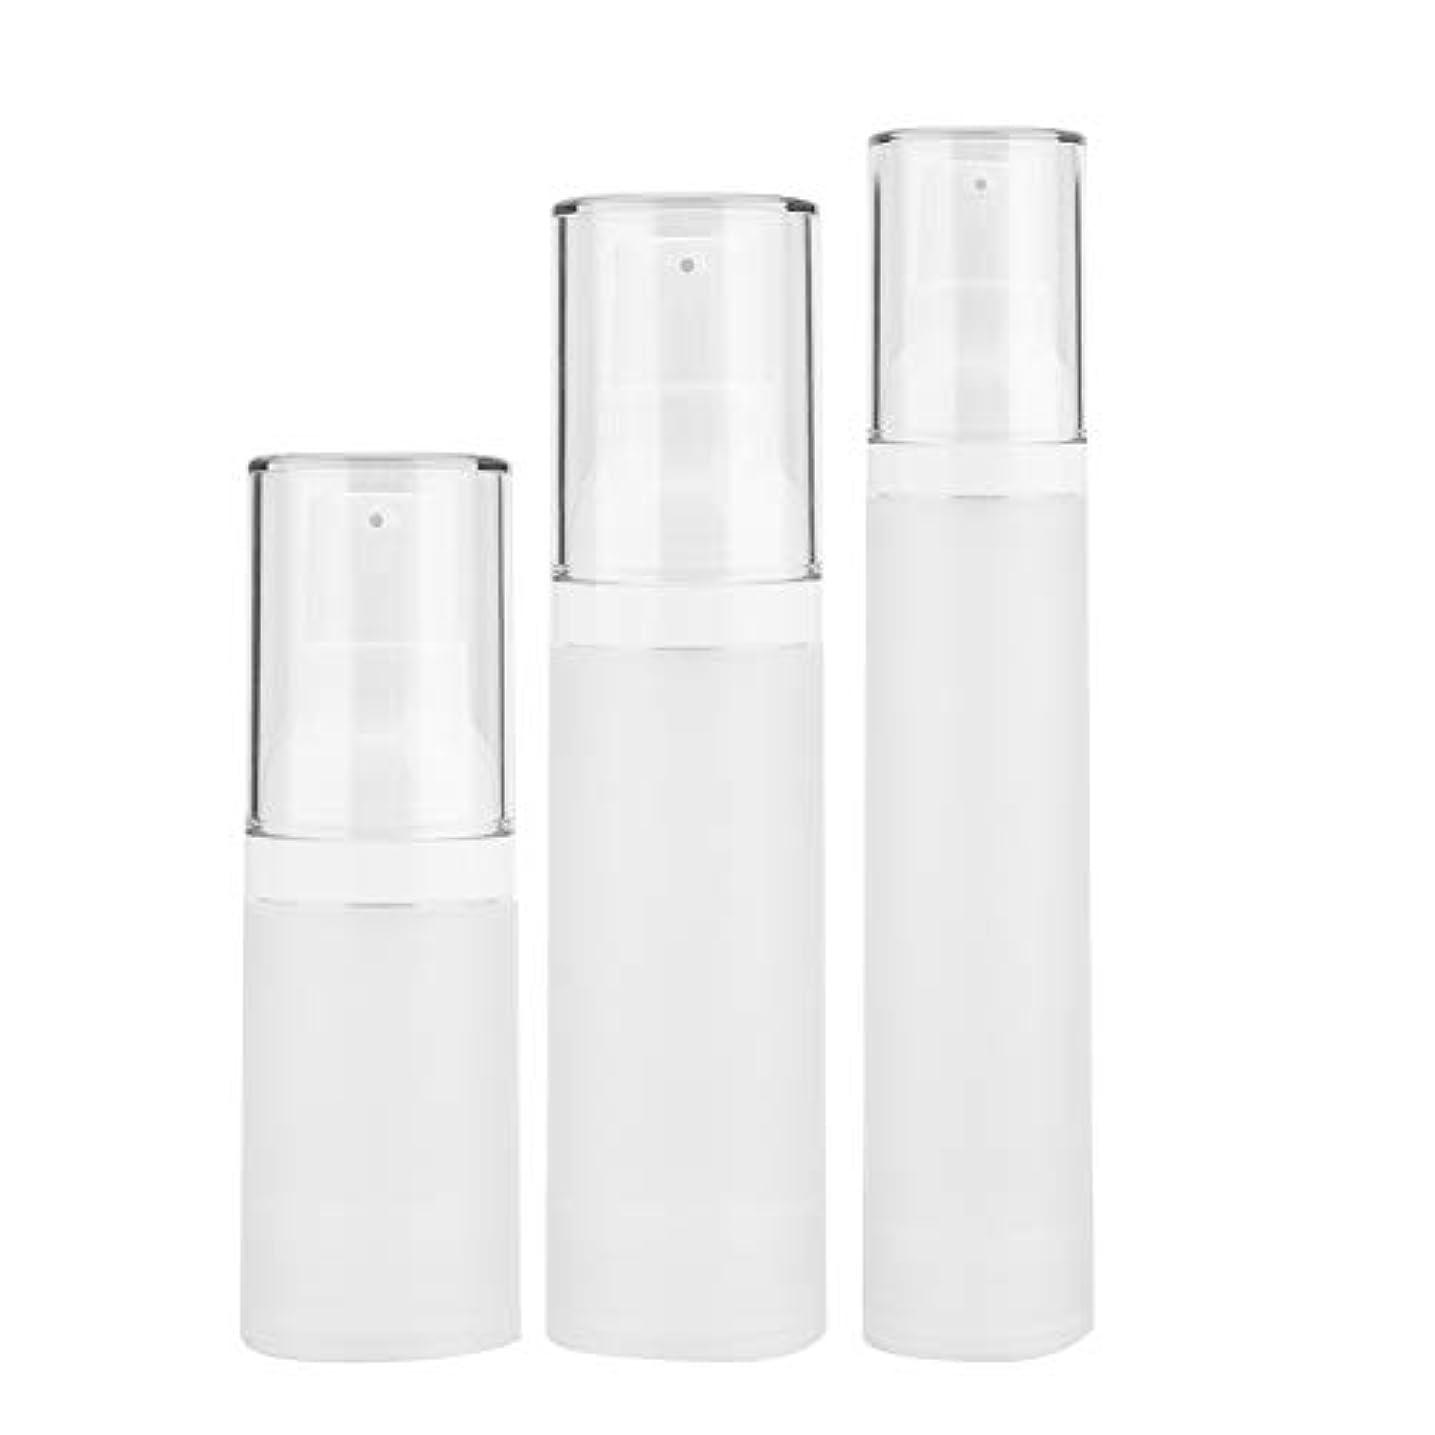 検索エンジンマーケティング染料特許3本入りトラベルボトルセット - 化粧品旅行用容器、化粧品容器が空の化粧品容器付きペットボトル - シャンプーとスプレー用(3 pcs)